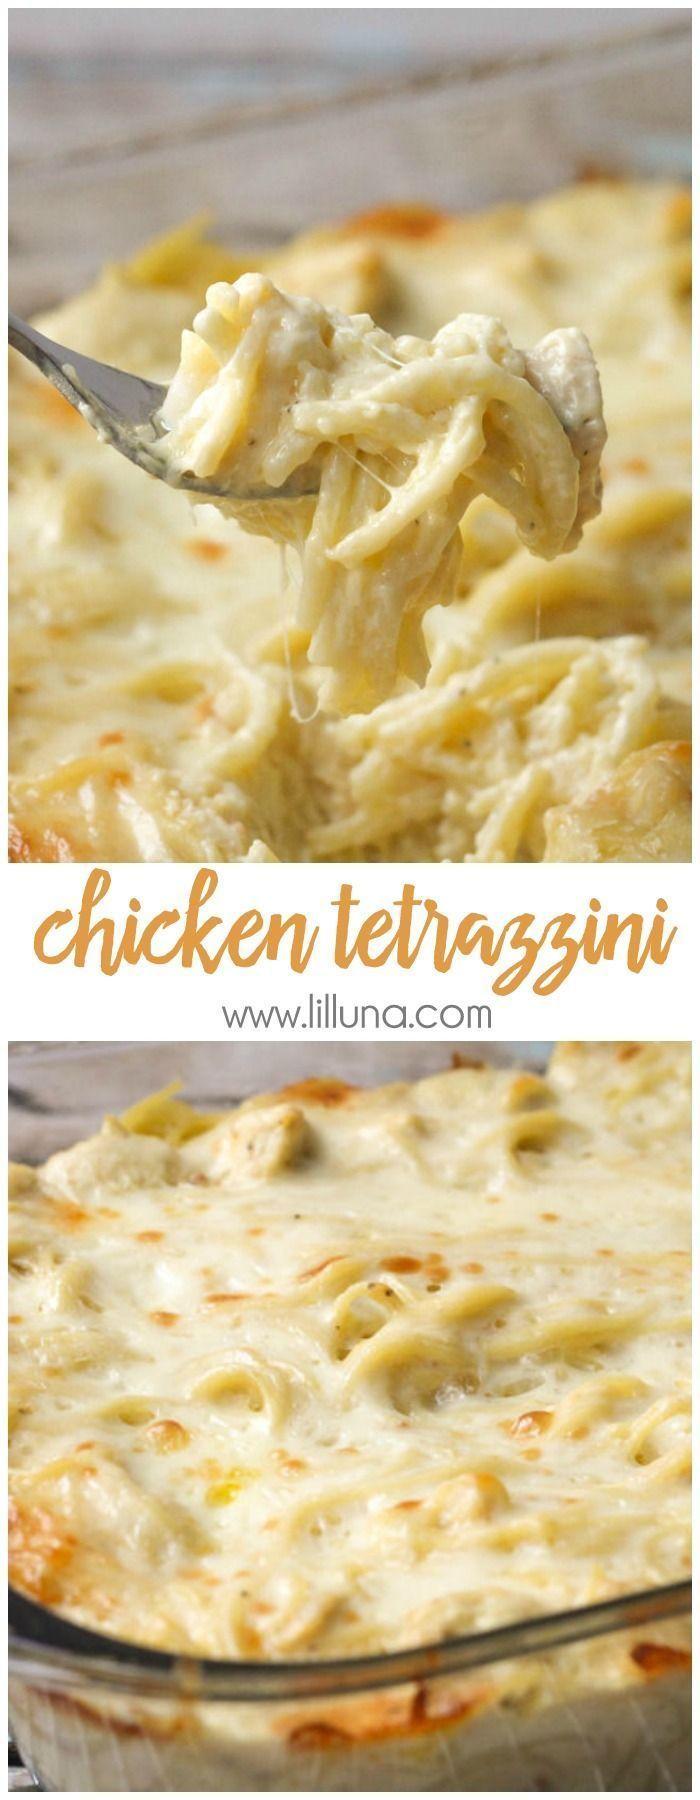 Easy Chicken Tetrazzini Recipe (+VIDEO) | Lil' Luna